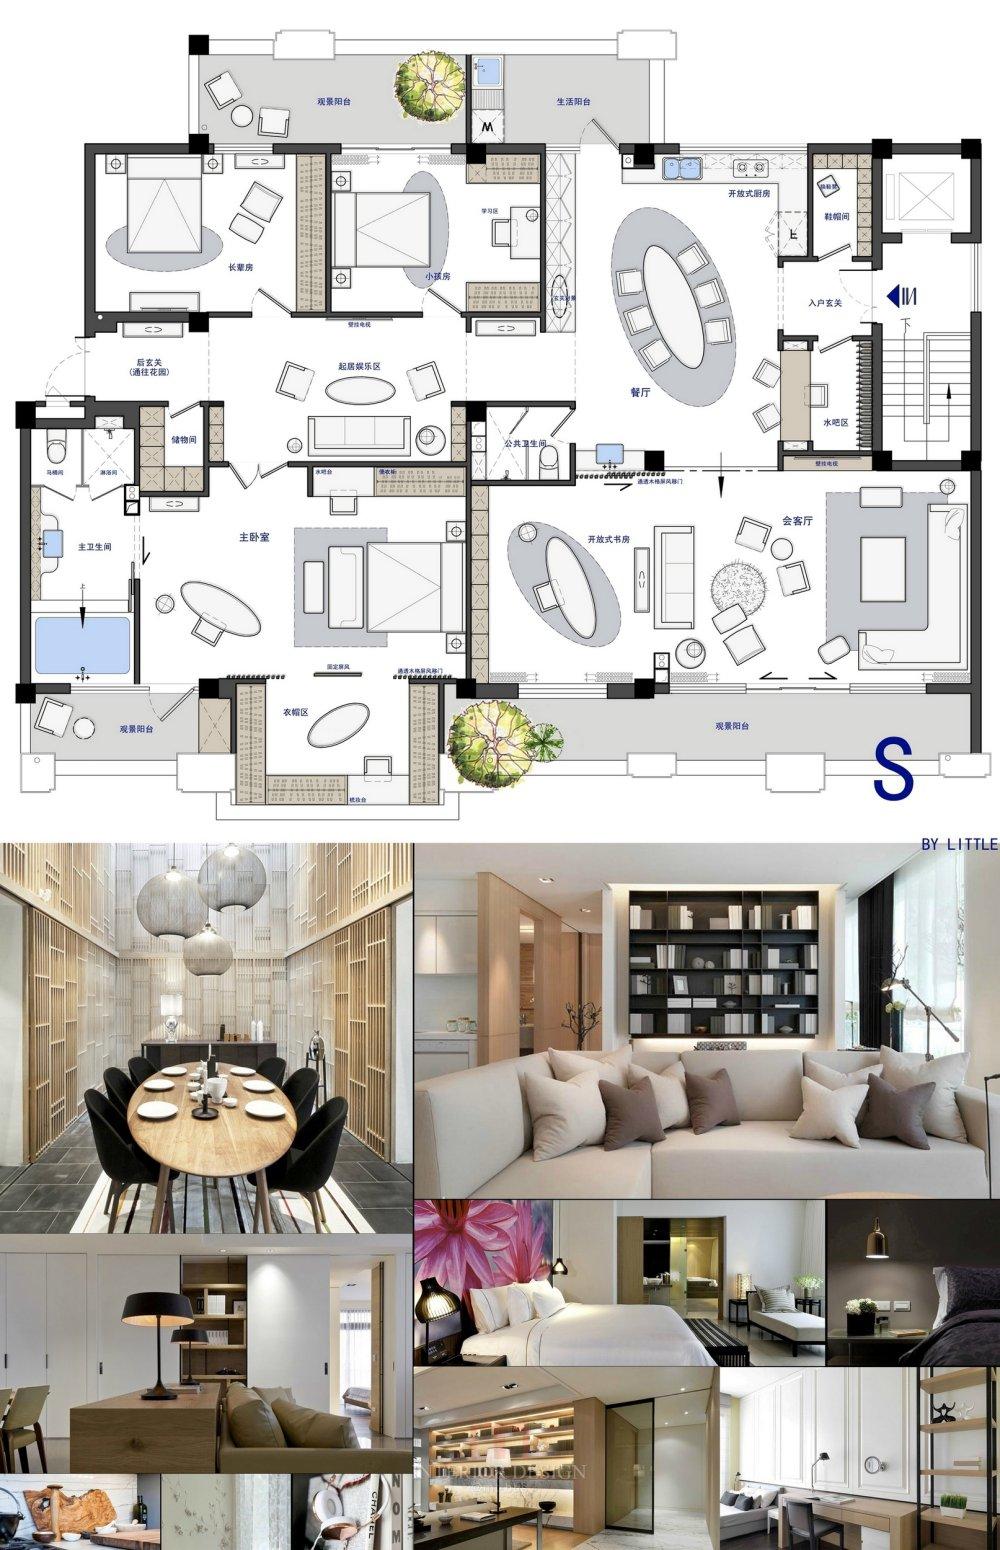 【第七期-住宅平面优化】一个250m²户型12个方案,求投票+点评_04.jpg